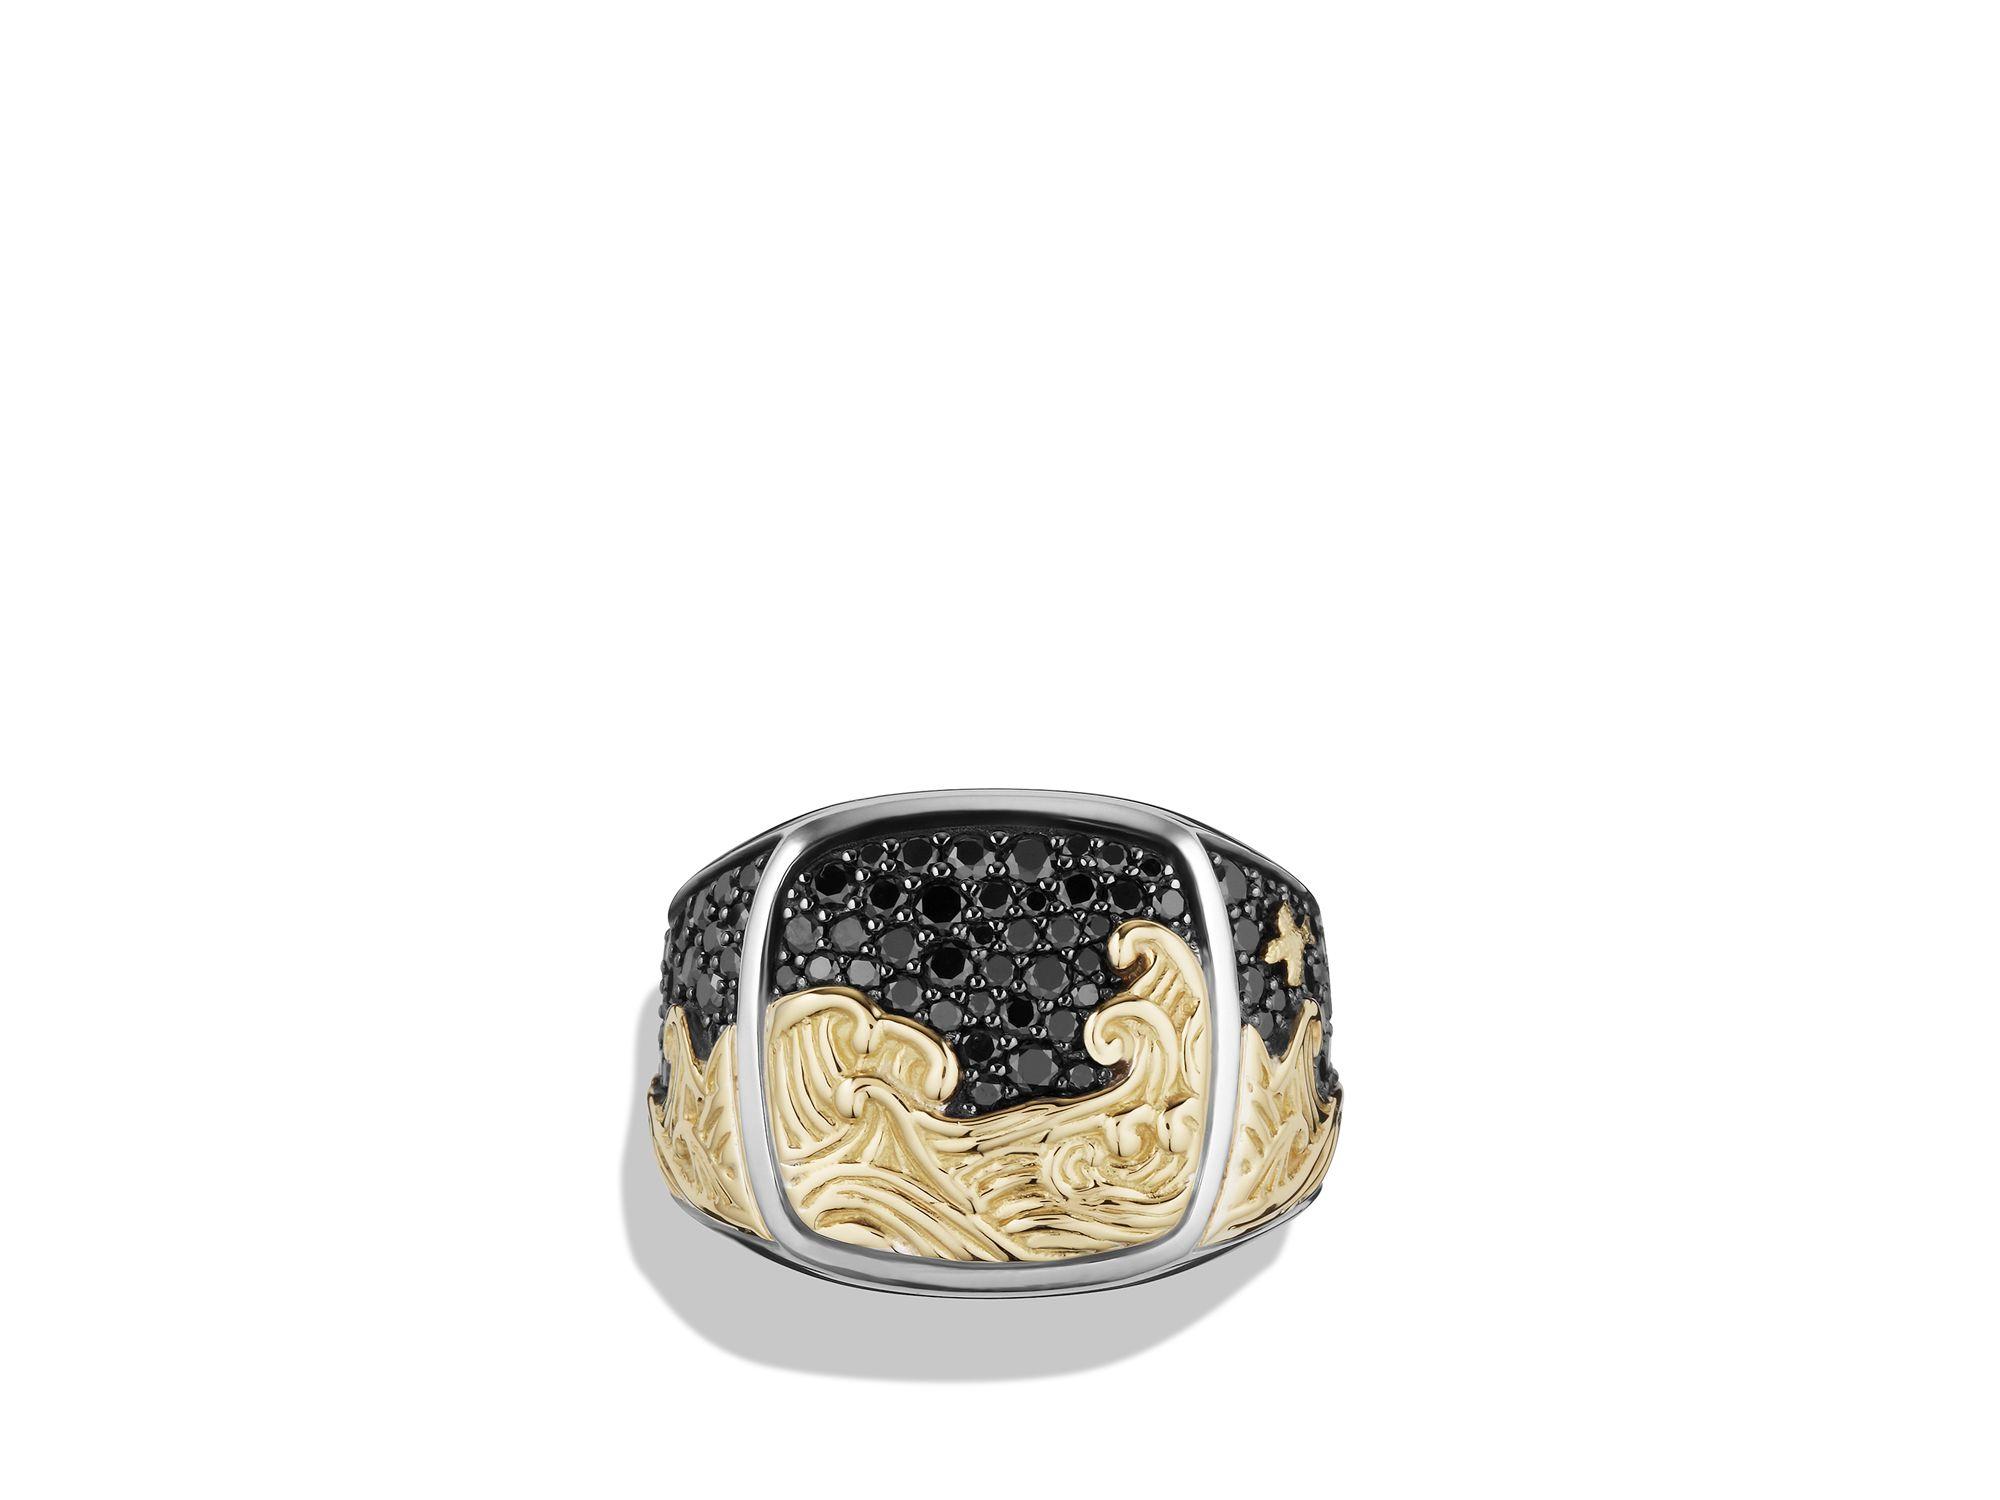 K Gold Signet Ring David Yurman